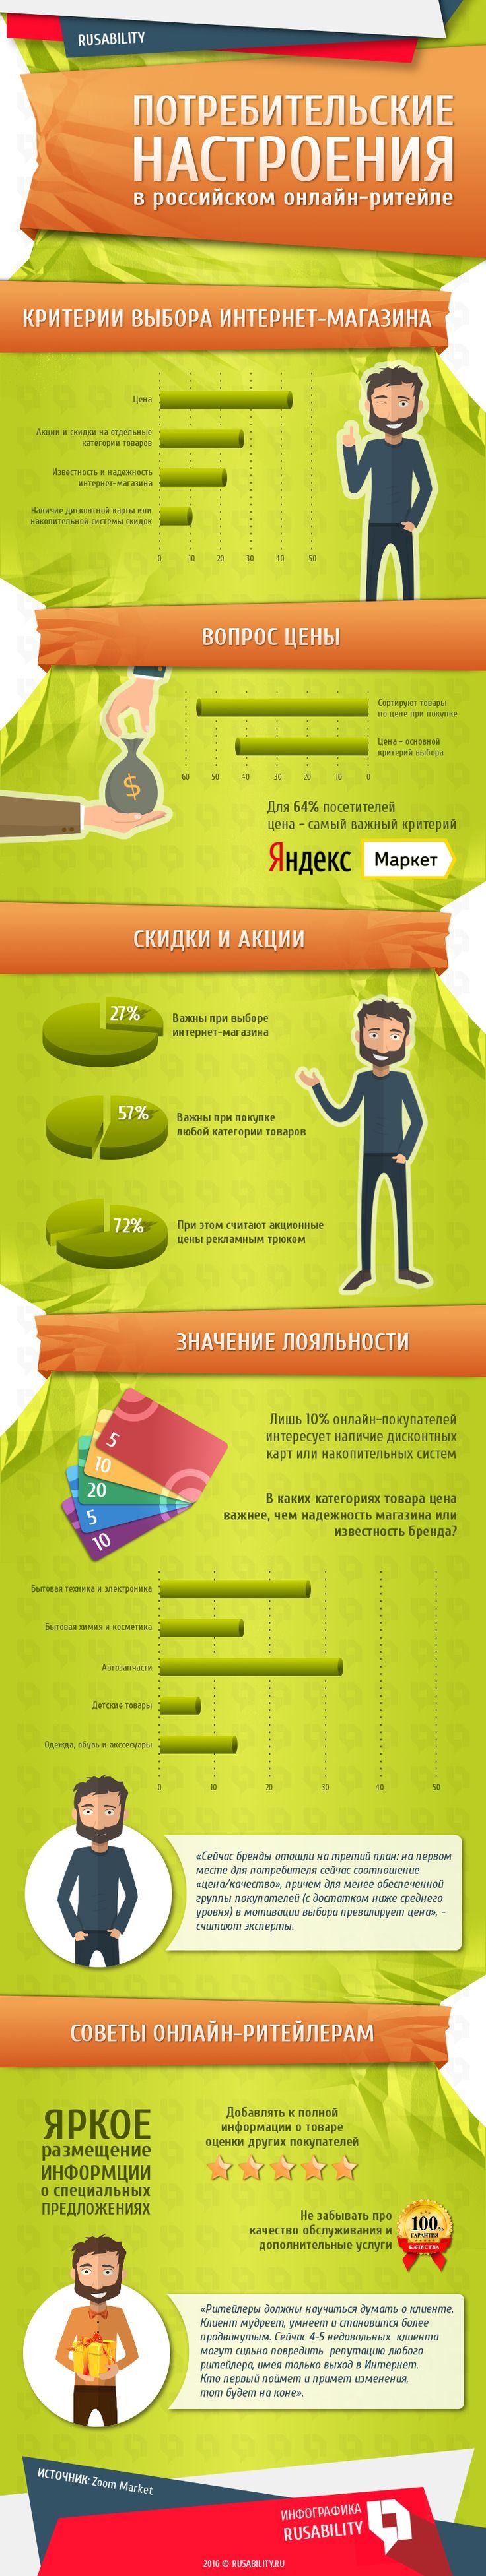 Как подобрать ключ к российскому онлайн-потребителю